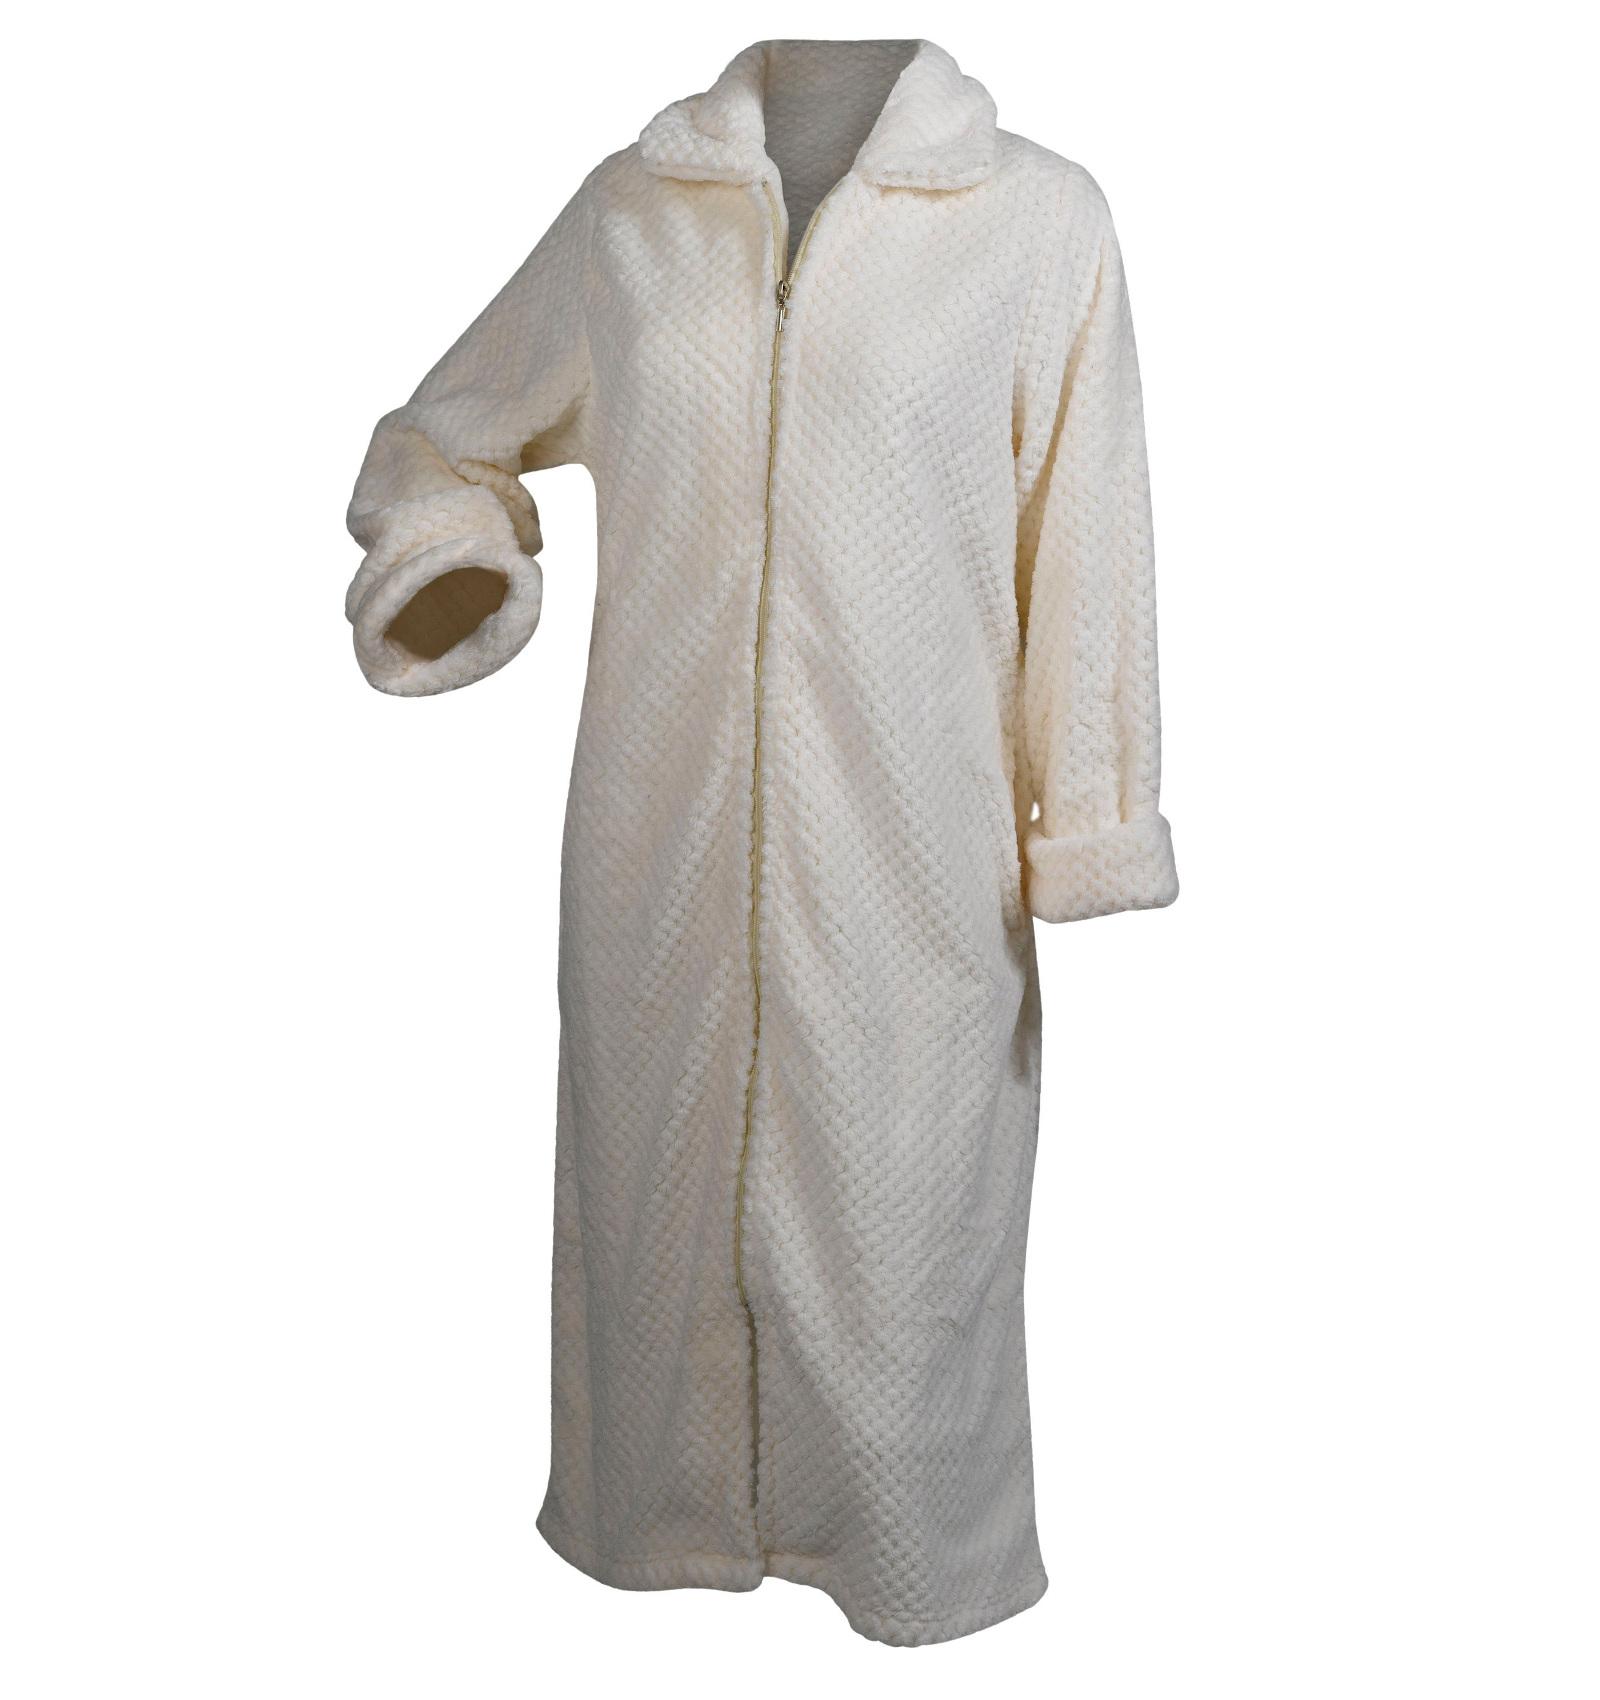 slenderella pour femme doux gaufre peignoir robe de With marvelous couleur chaudes et froides 18 slenderella pour femme doux gaufre peignoir robe de